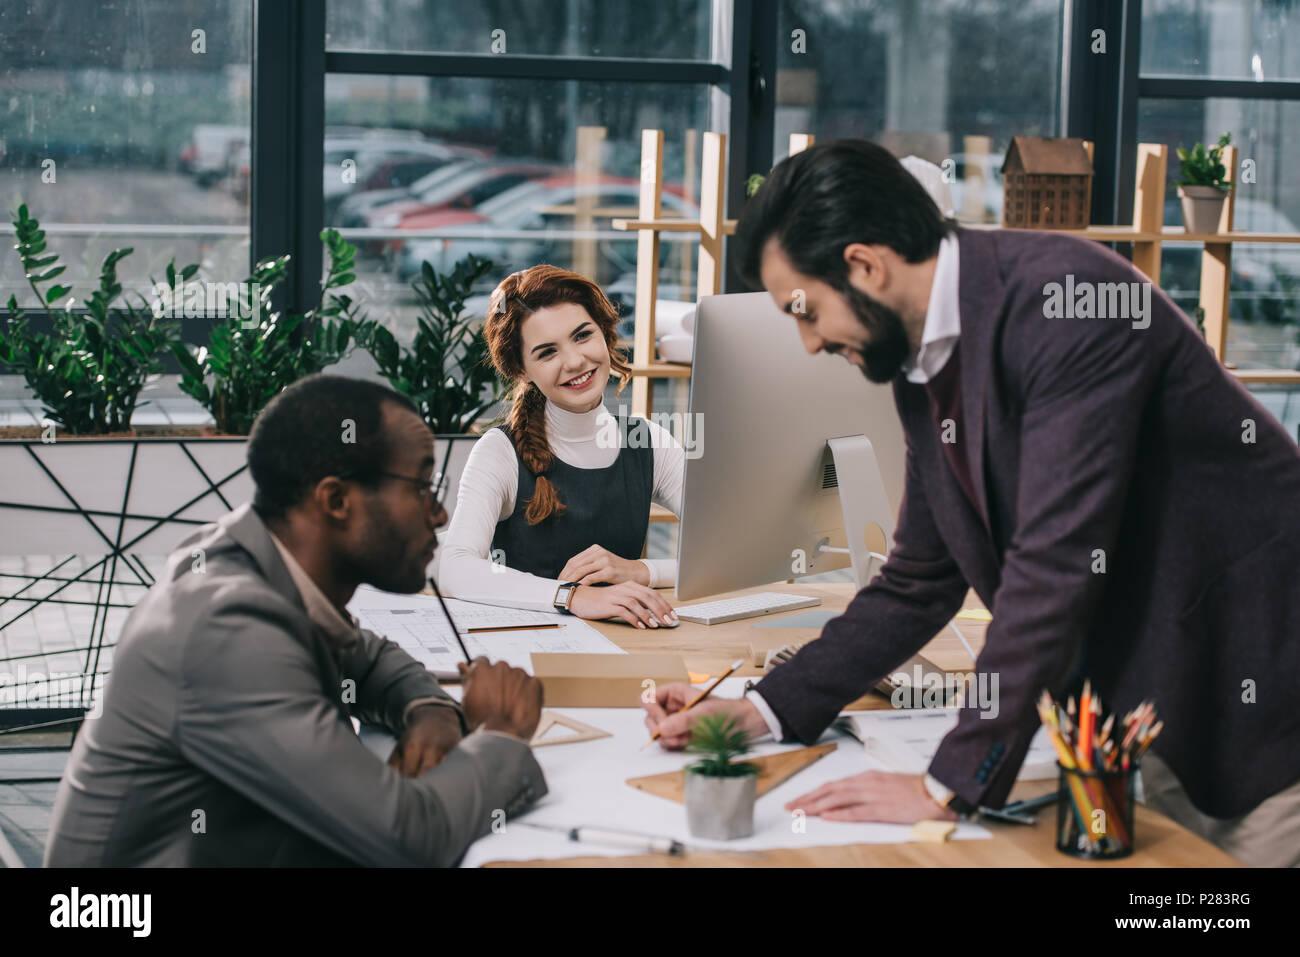 Architetti multietnica discutendo blueprint in ufficio moderno Immagini Stock